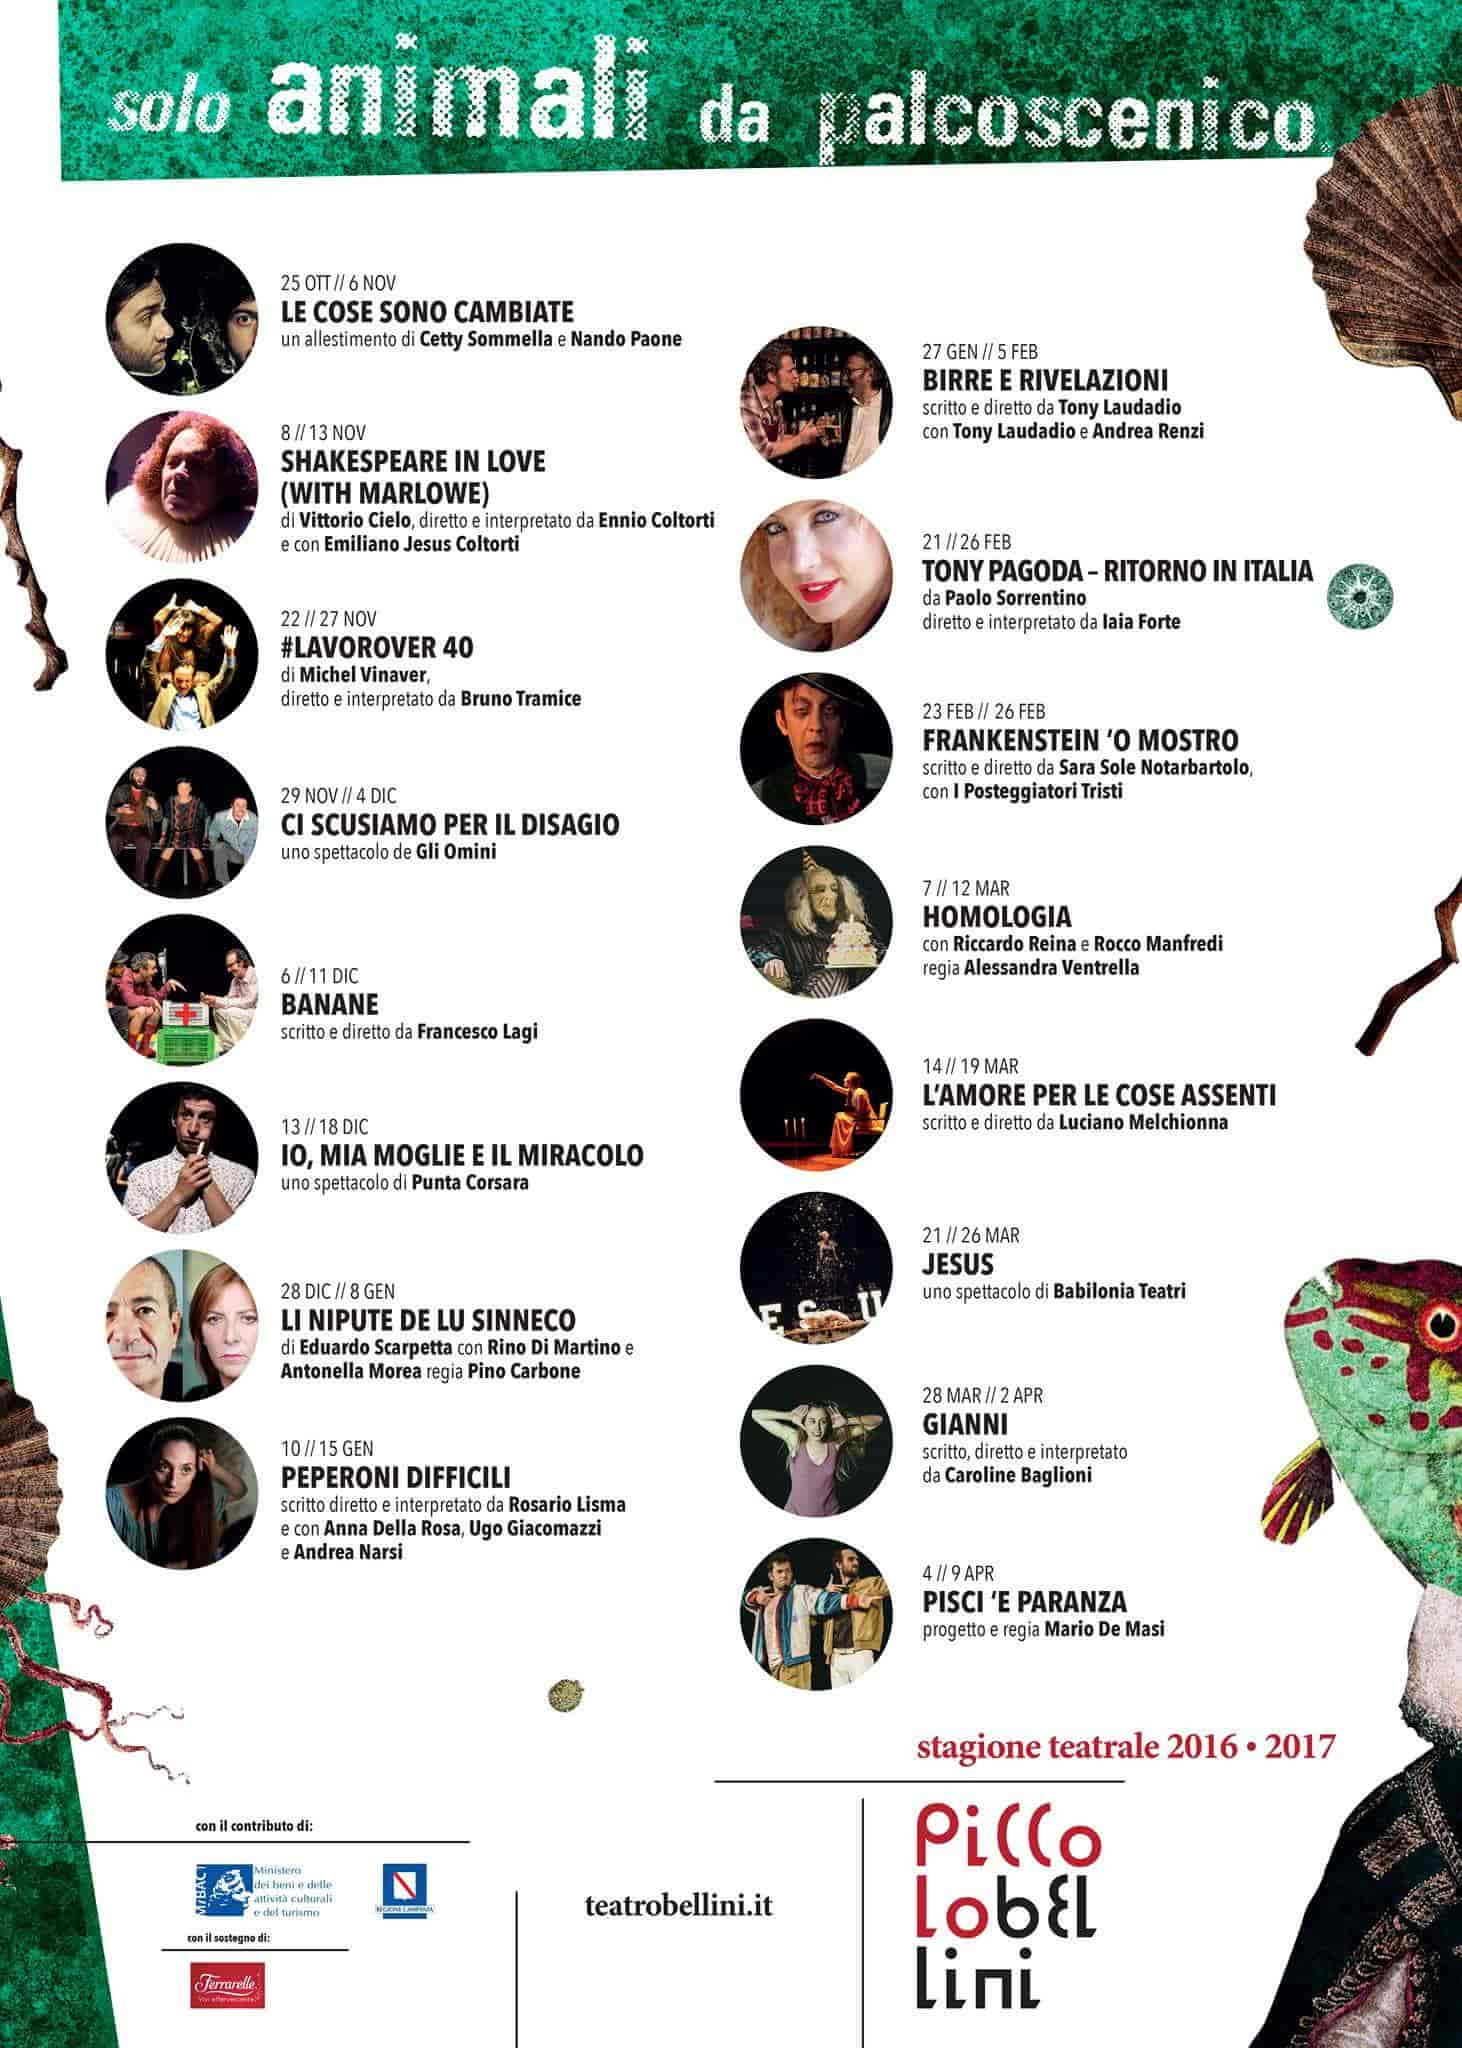 teatro-piccolo-bellini-stagione-2016-17